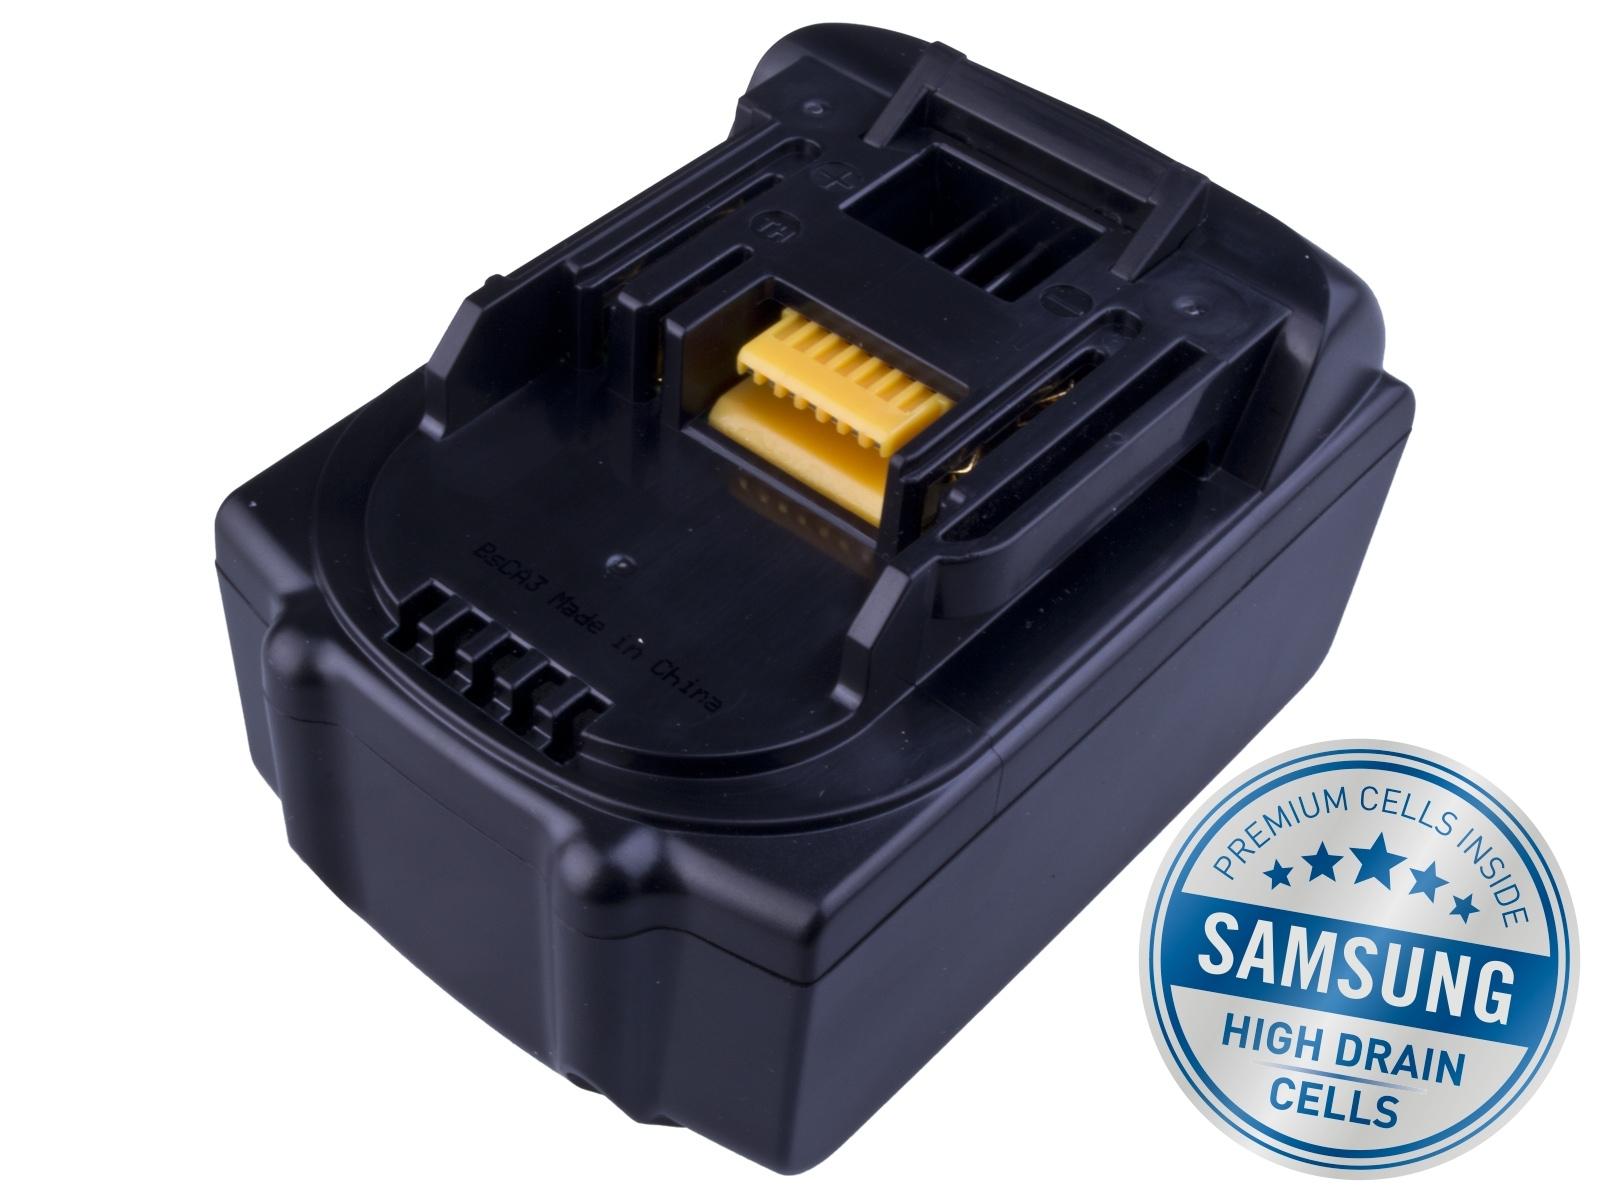 Baterie AVACOM MAKITA BL 1830 Li-Ion 18V 4000mAh, články SAMSUNG - ATMA-L18A1-20Q